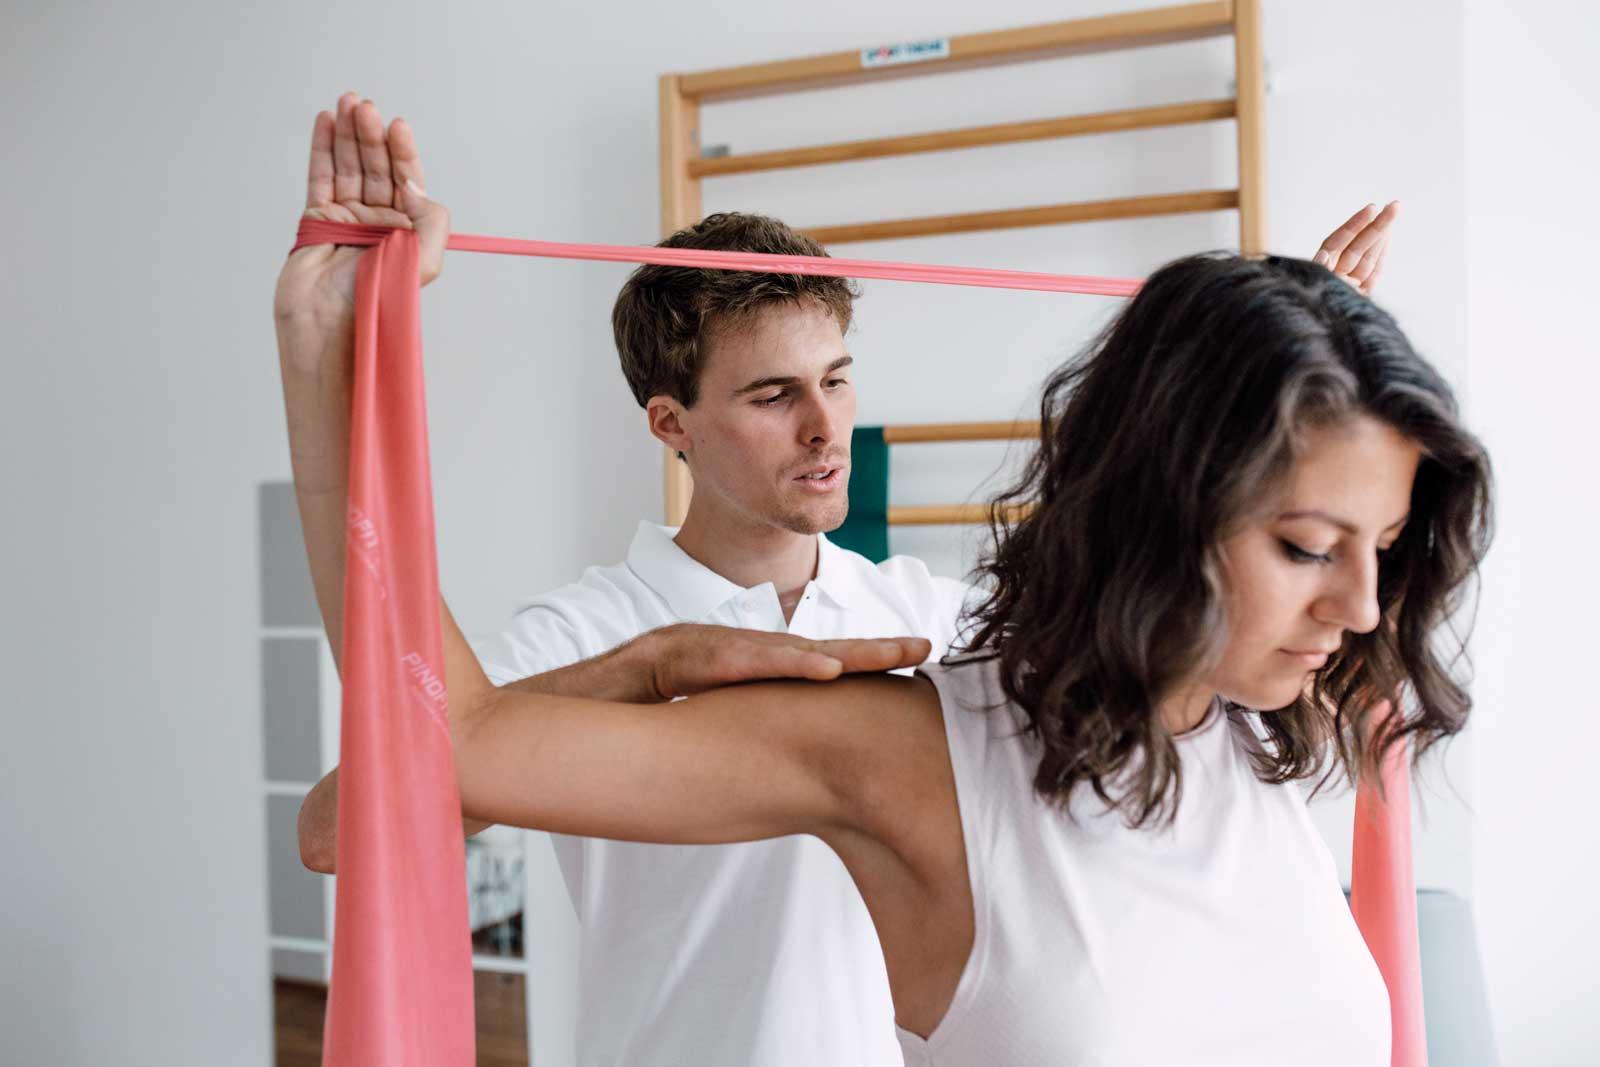 Diagnostik und Therapie von akuten und chronischen Schmerzen am Bewegungsapparat